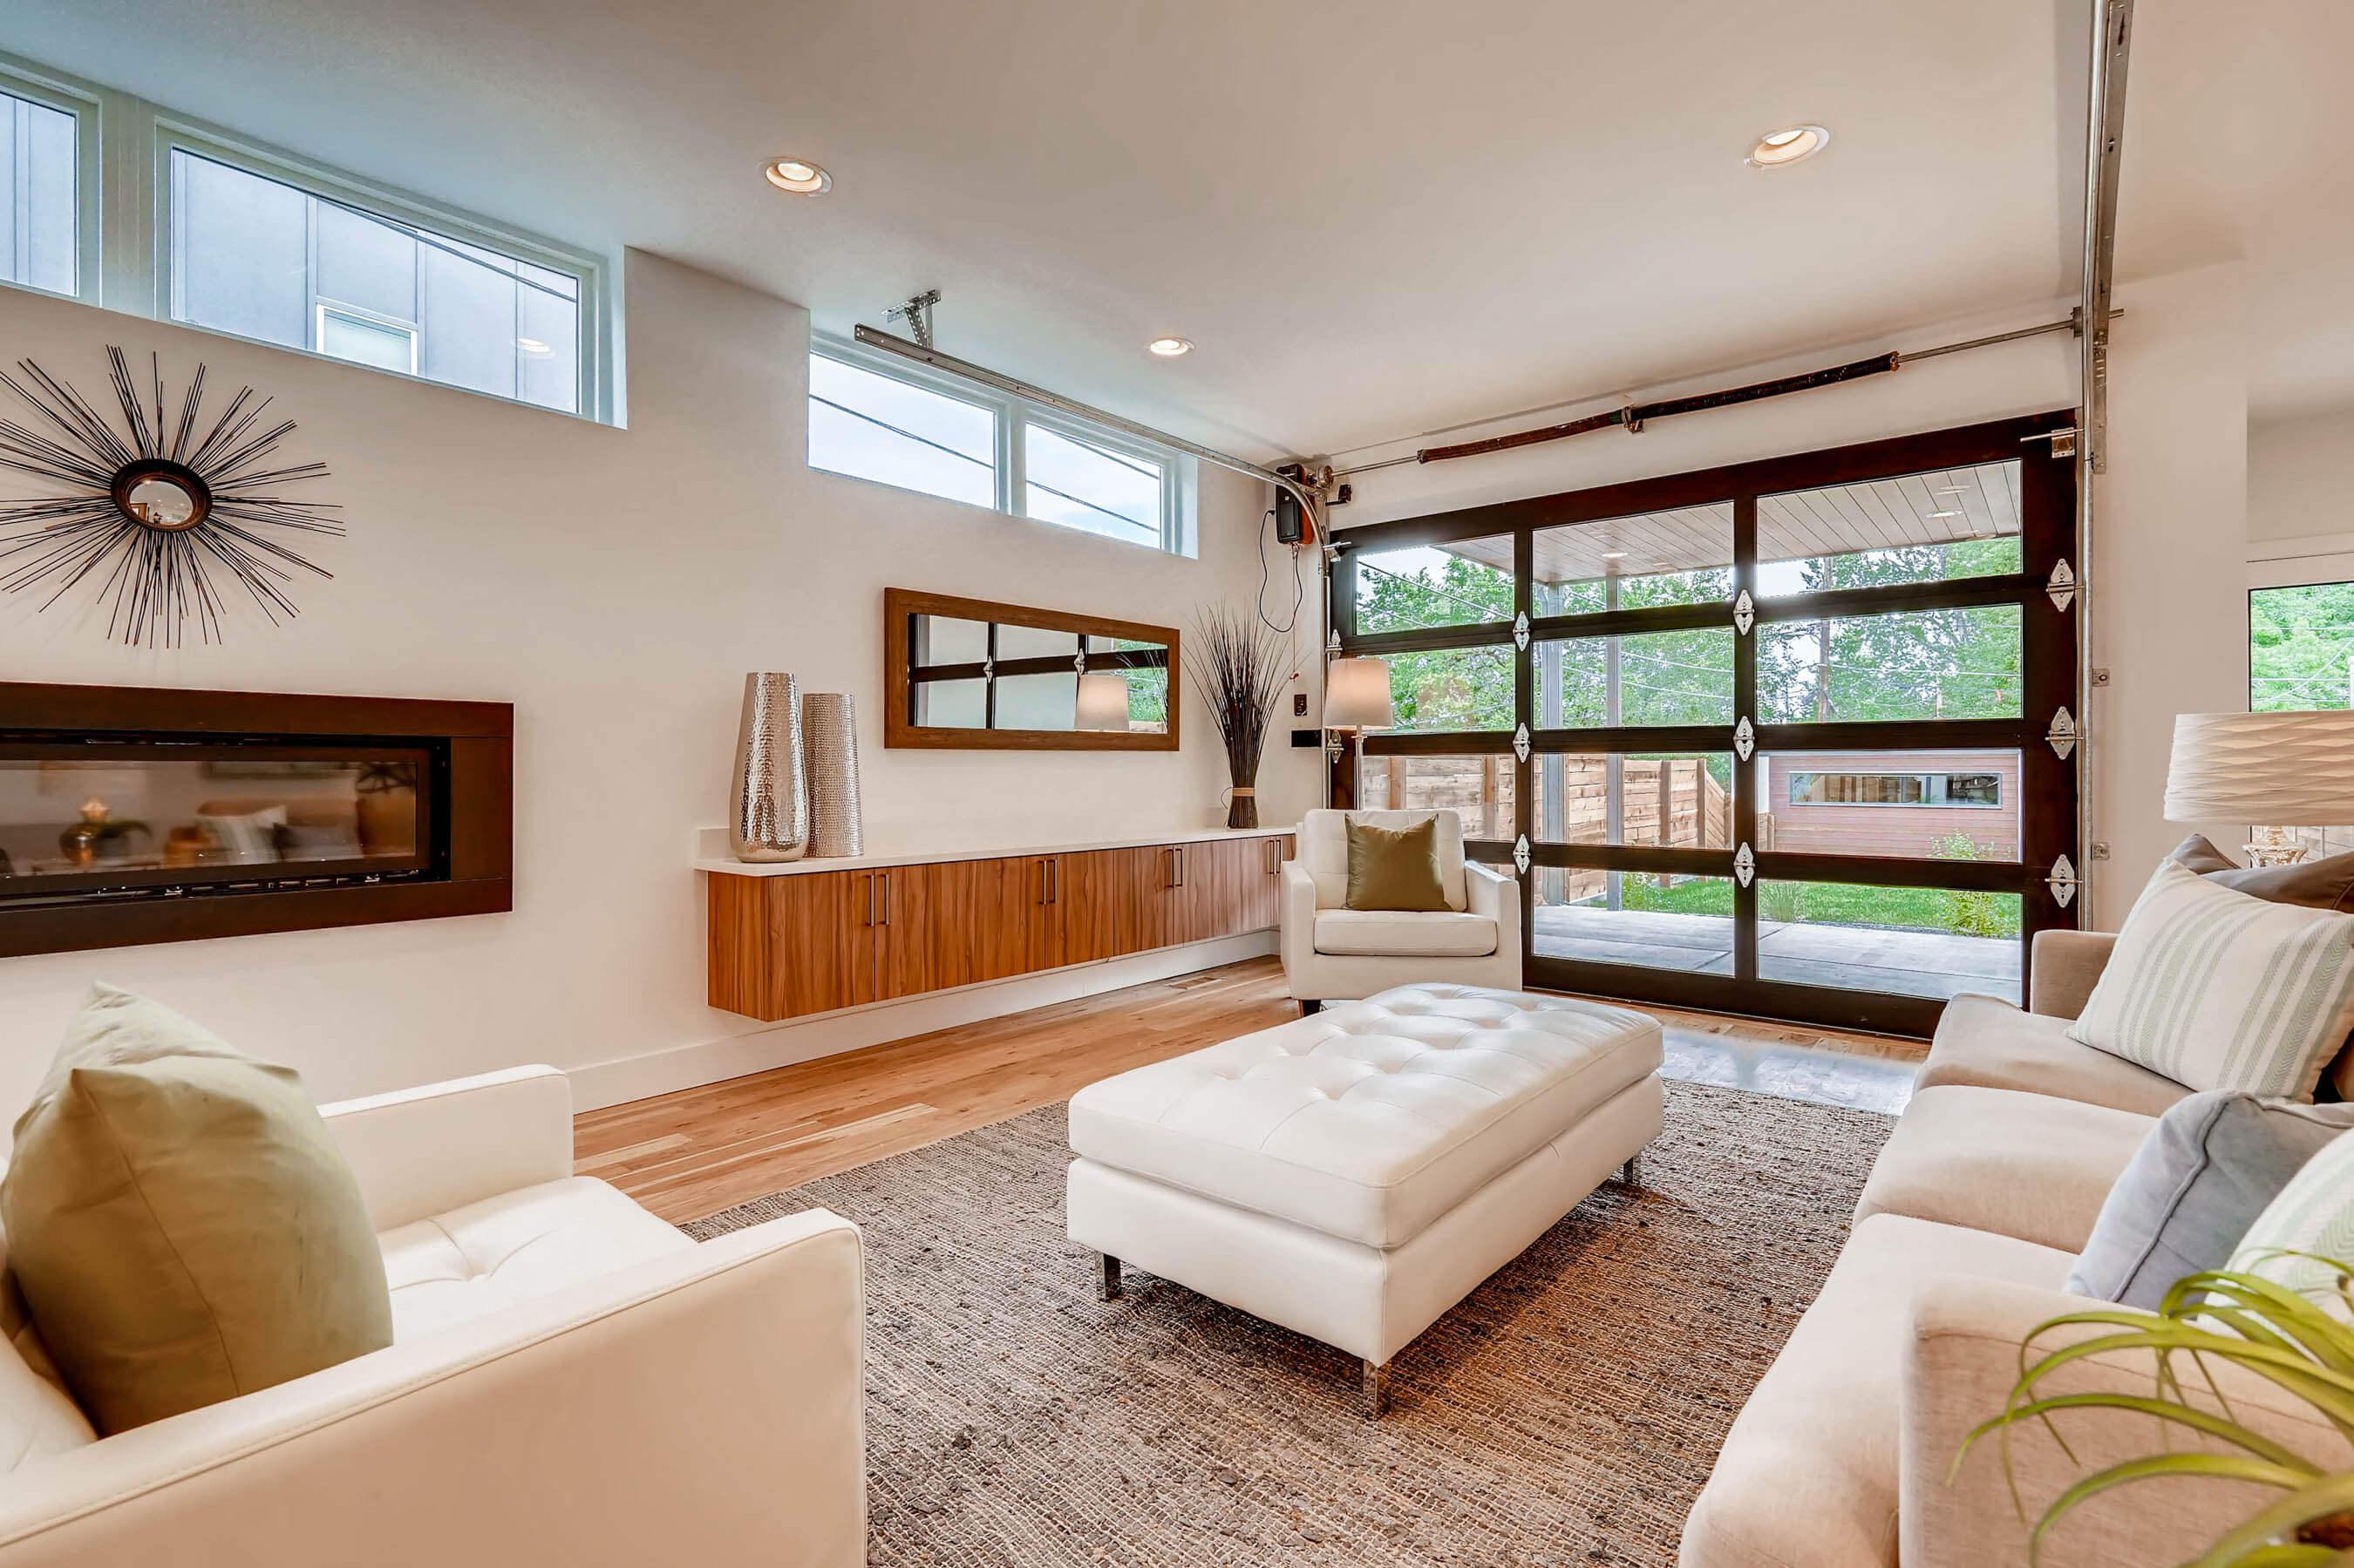 3030 W. 27th Avenue Interiors